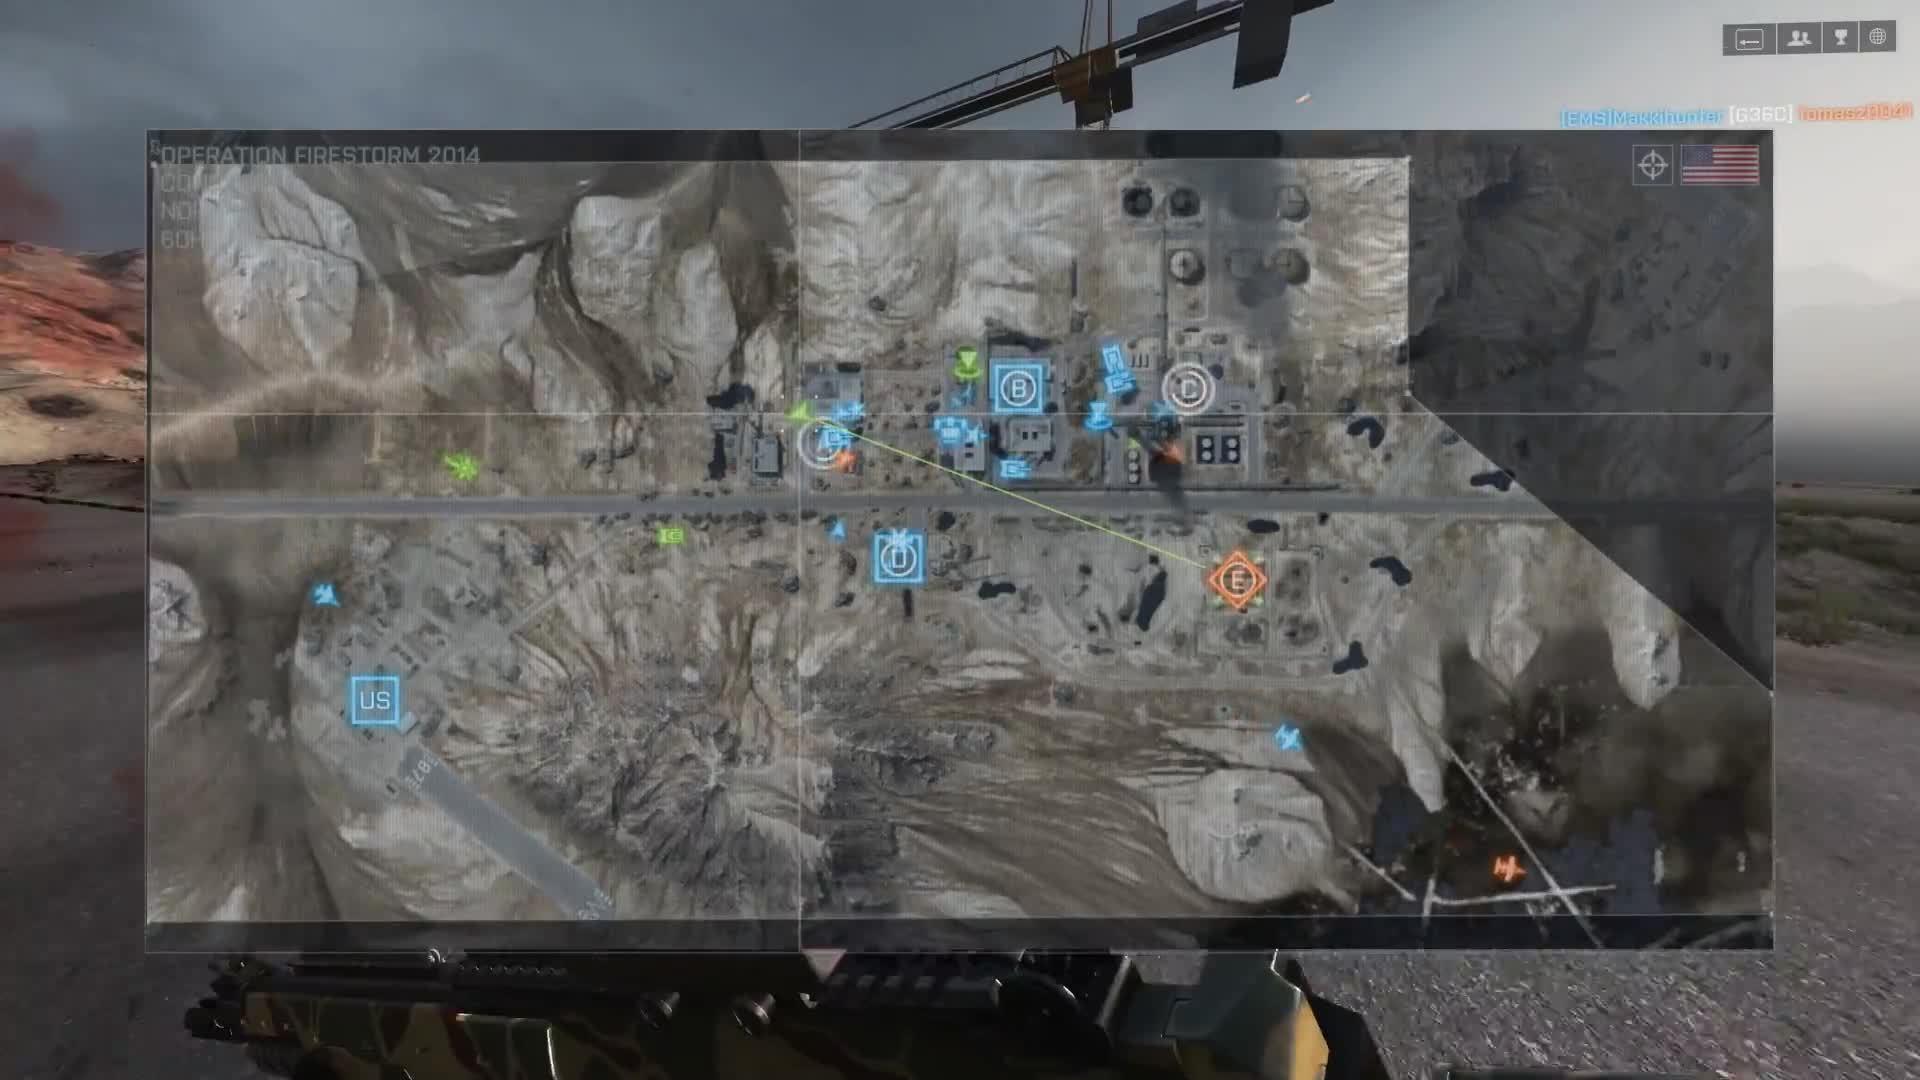 battlefield_4, Battlefield 4 GIFs